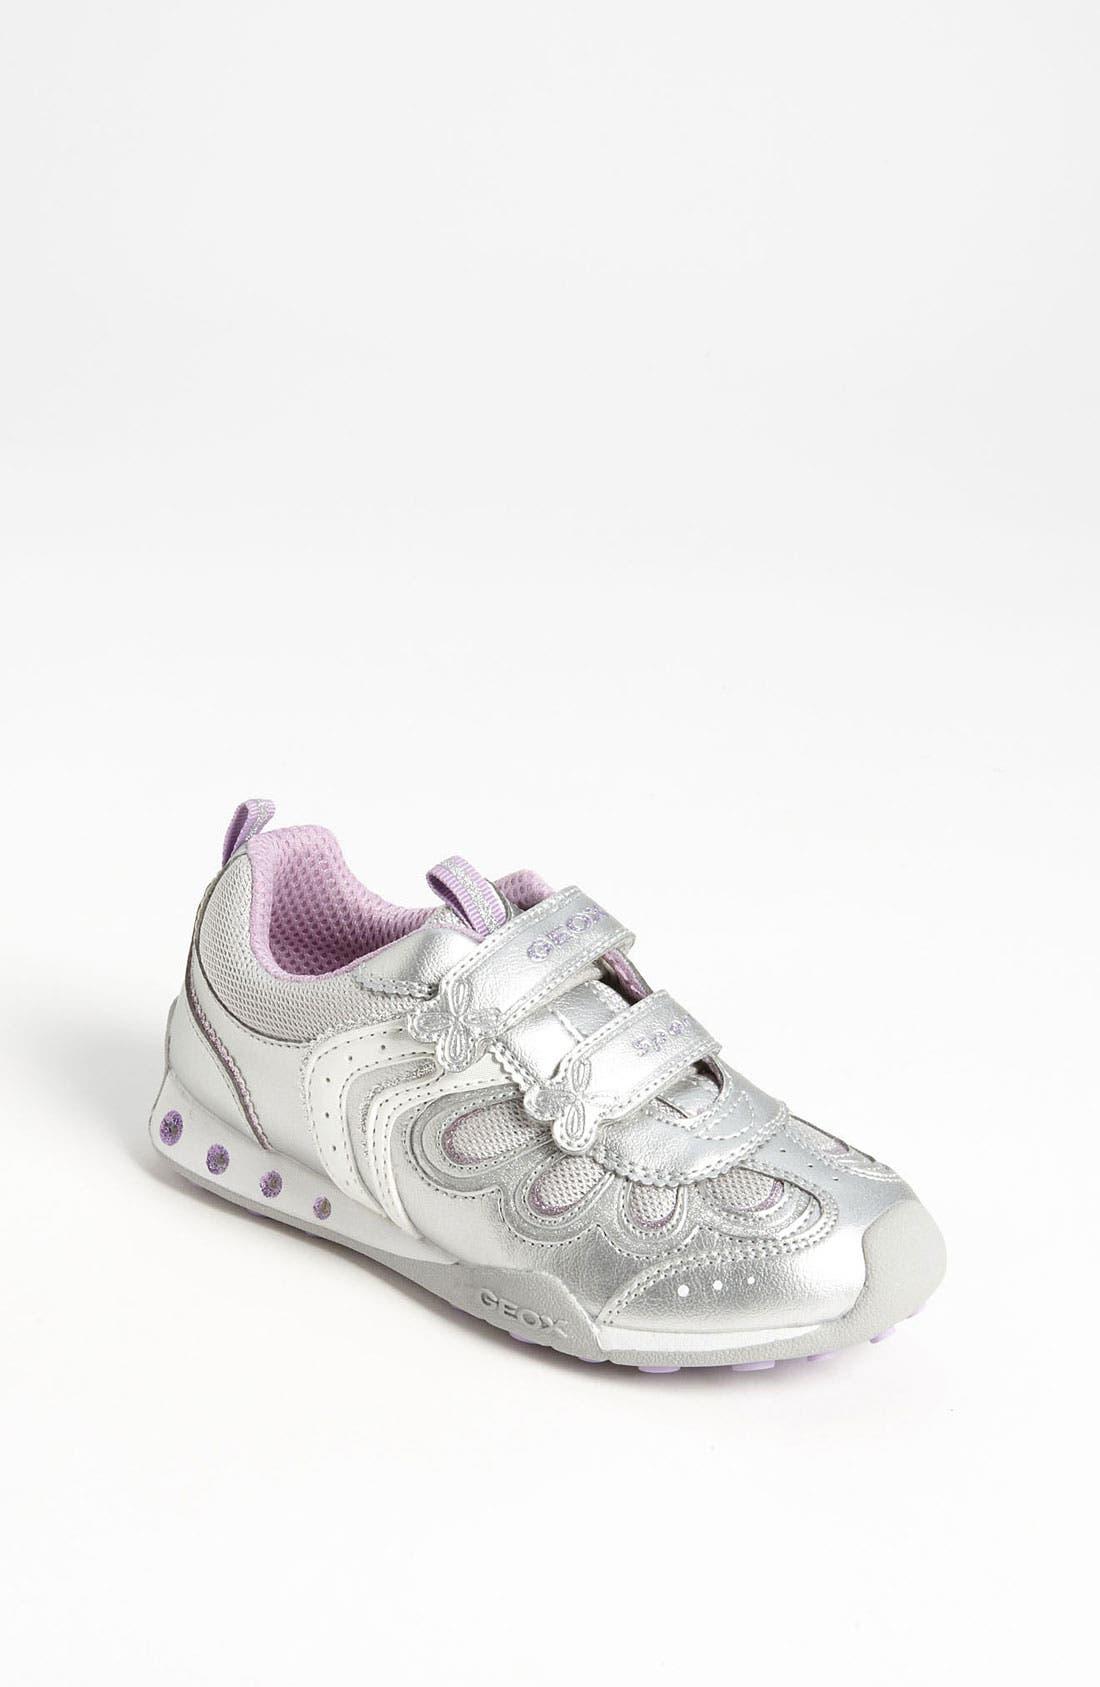 Alternate Image 1 Selected - Geox Junior 'New Jocker' Sneaker (Toddler & Little Kid)